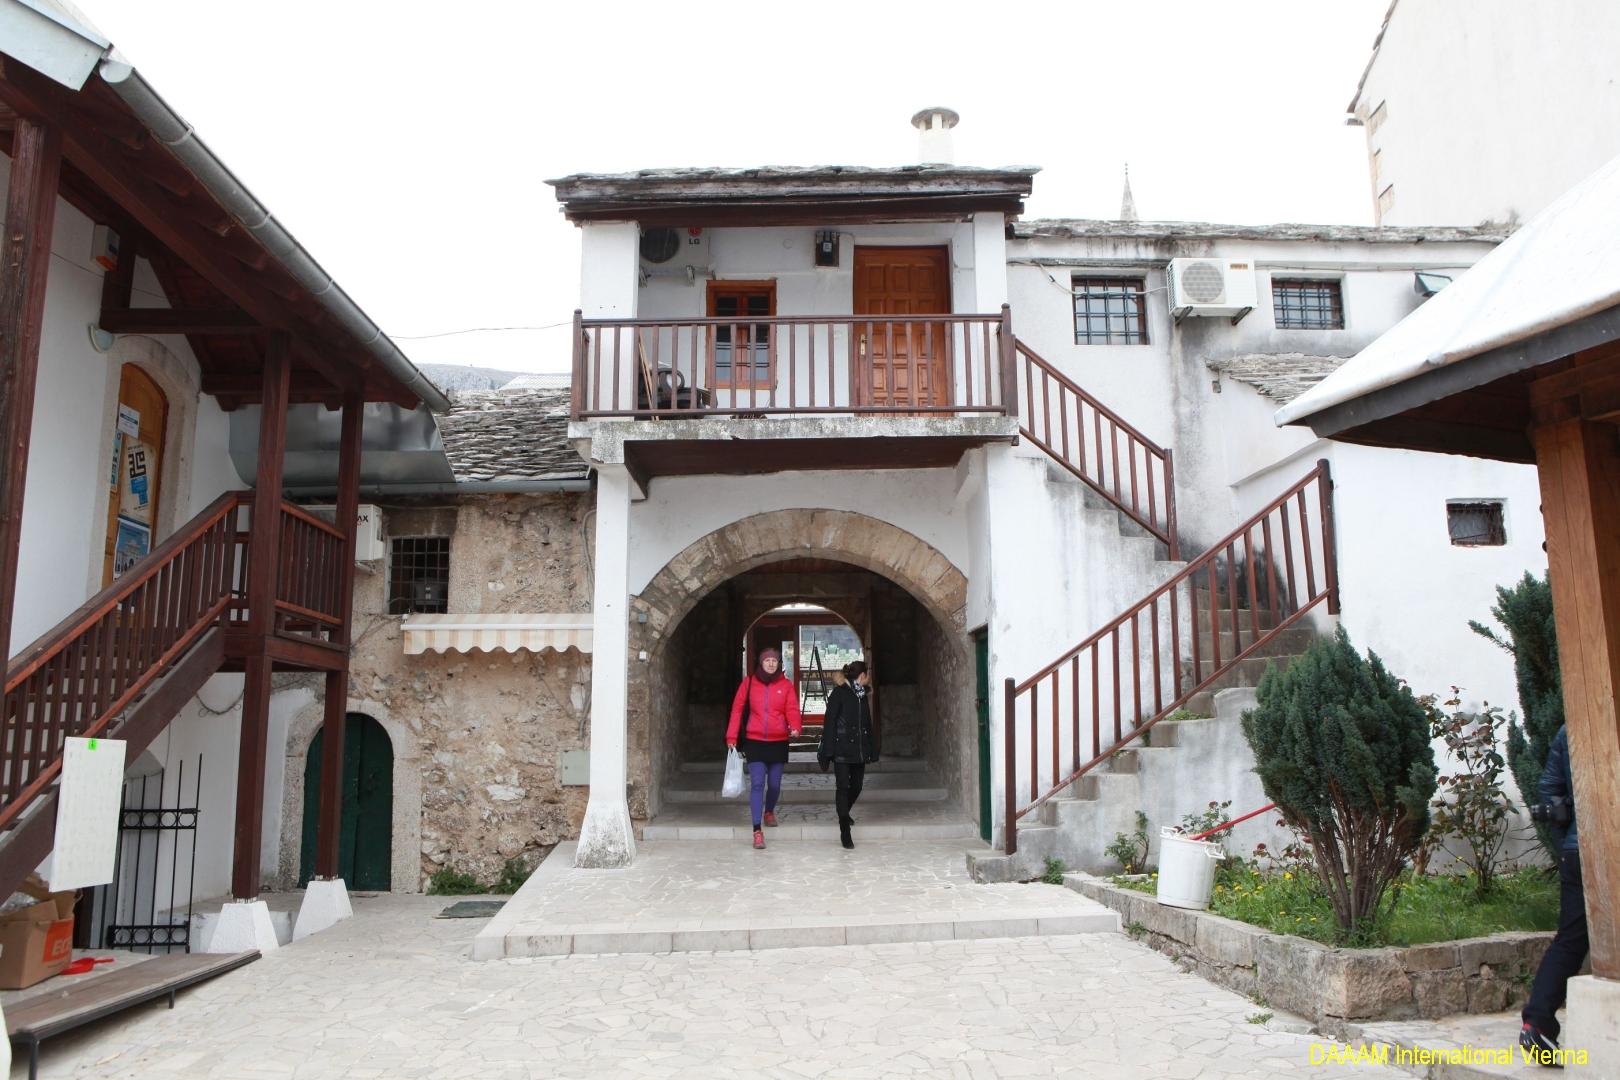 DAAAM_2016_Mostar_01_Magic_City_of_Mostar_110